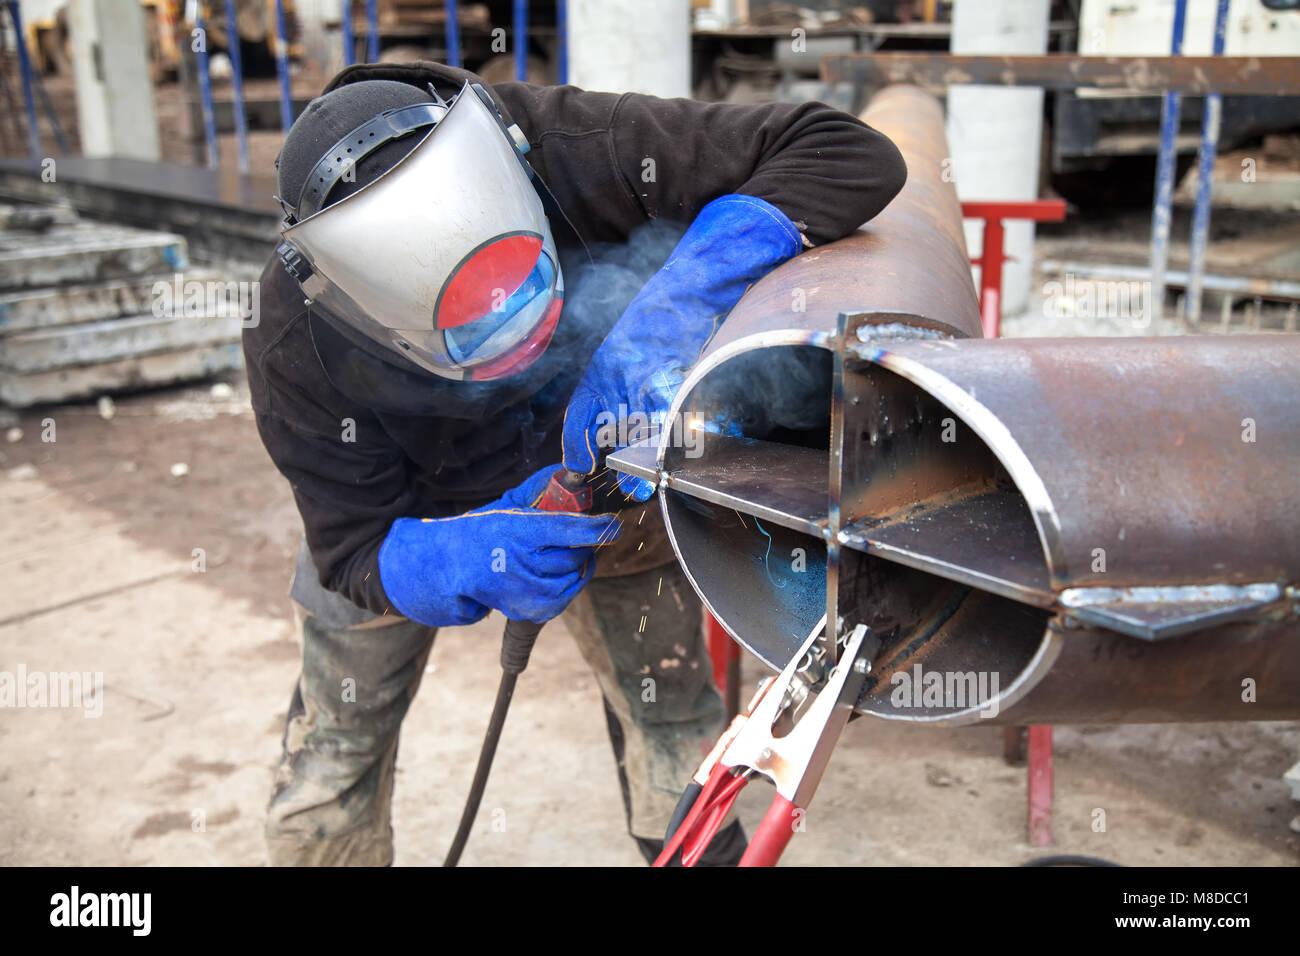 Trabalhos de soldadura, soldador soldar material metálico na indústria pesada fabricação, clipe Imagens de Stock